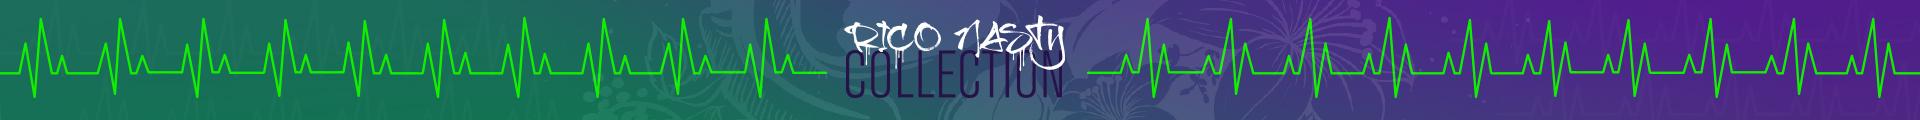 קולקציית RICO NASTY